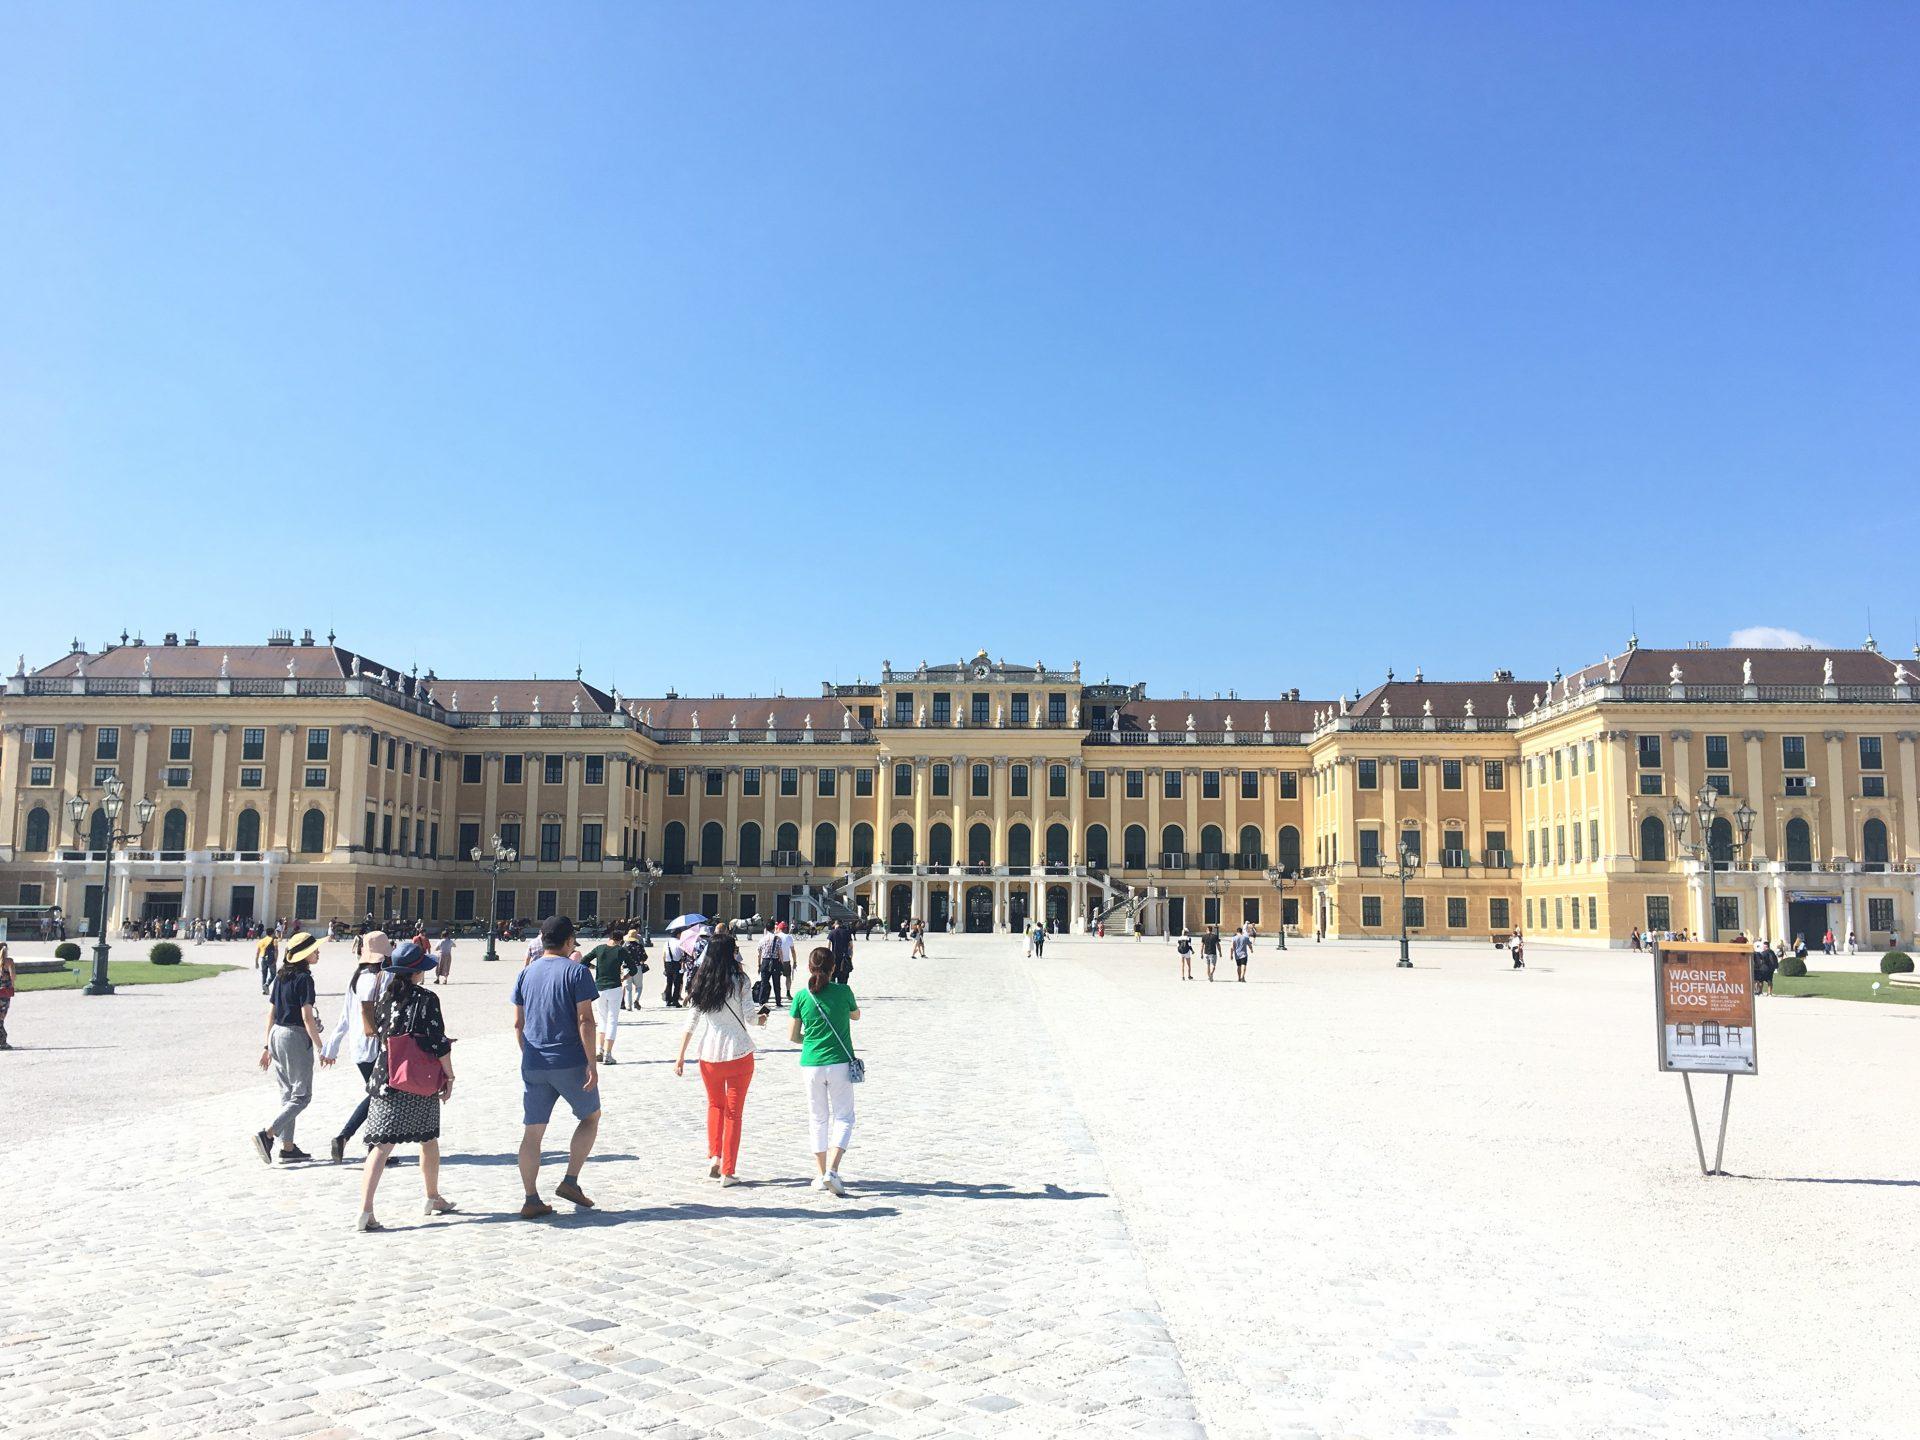 Nádvoří, Schönbrunn